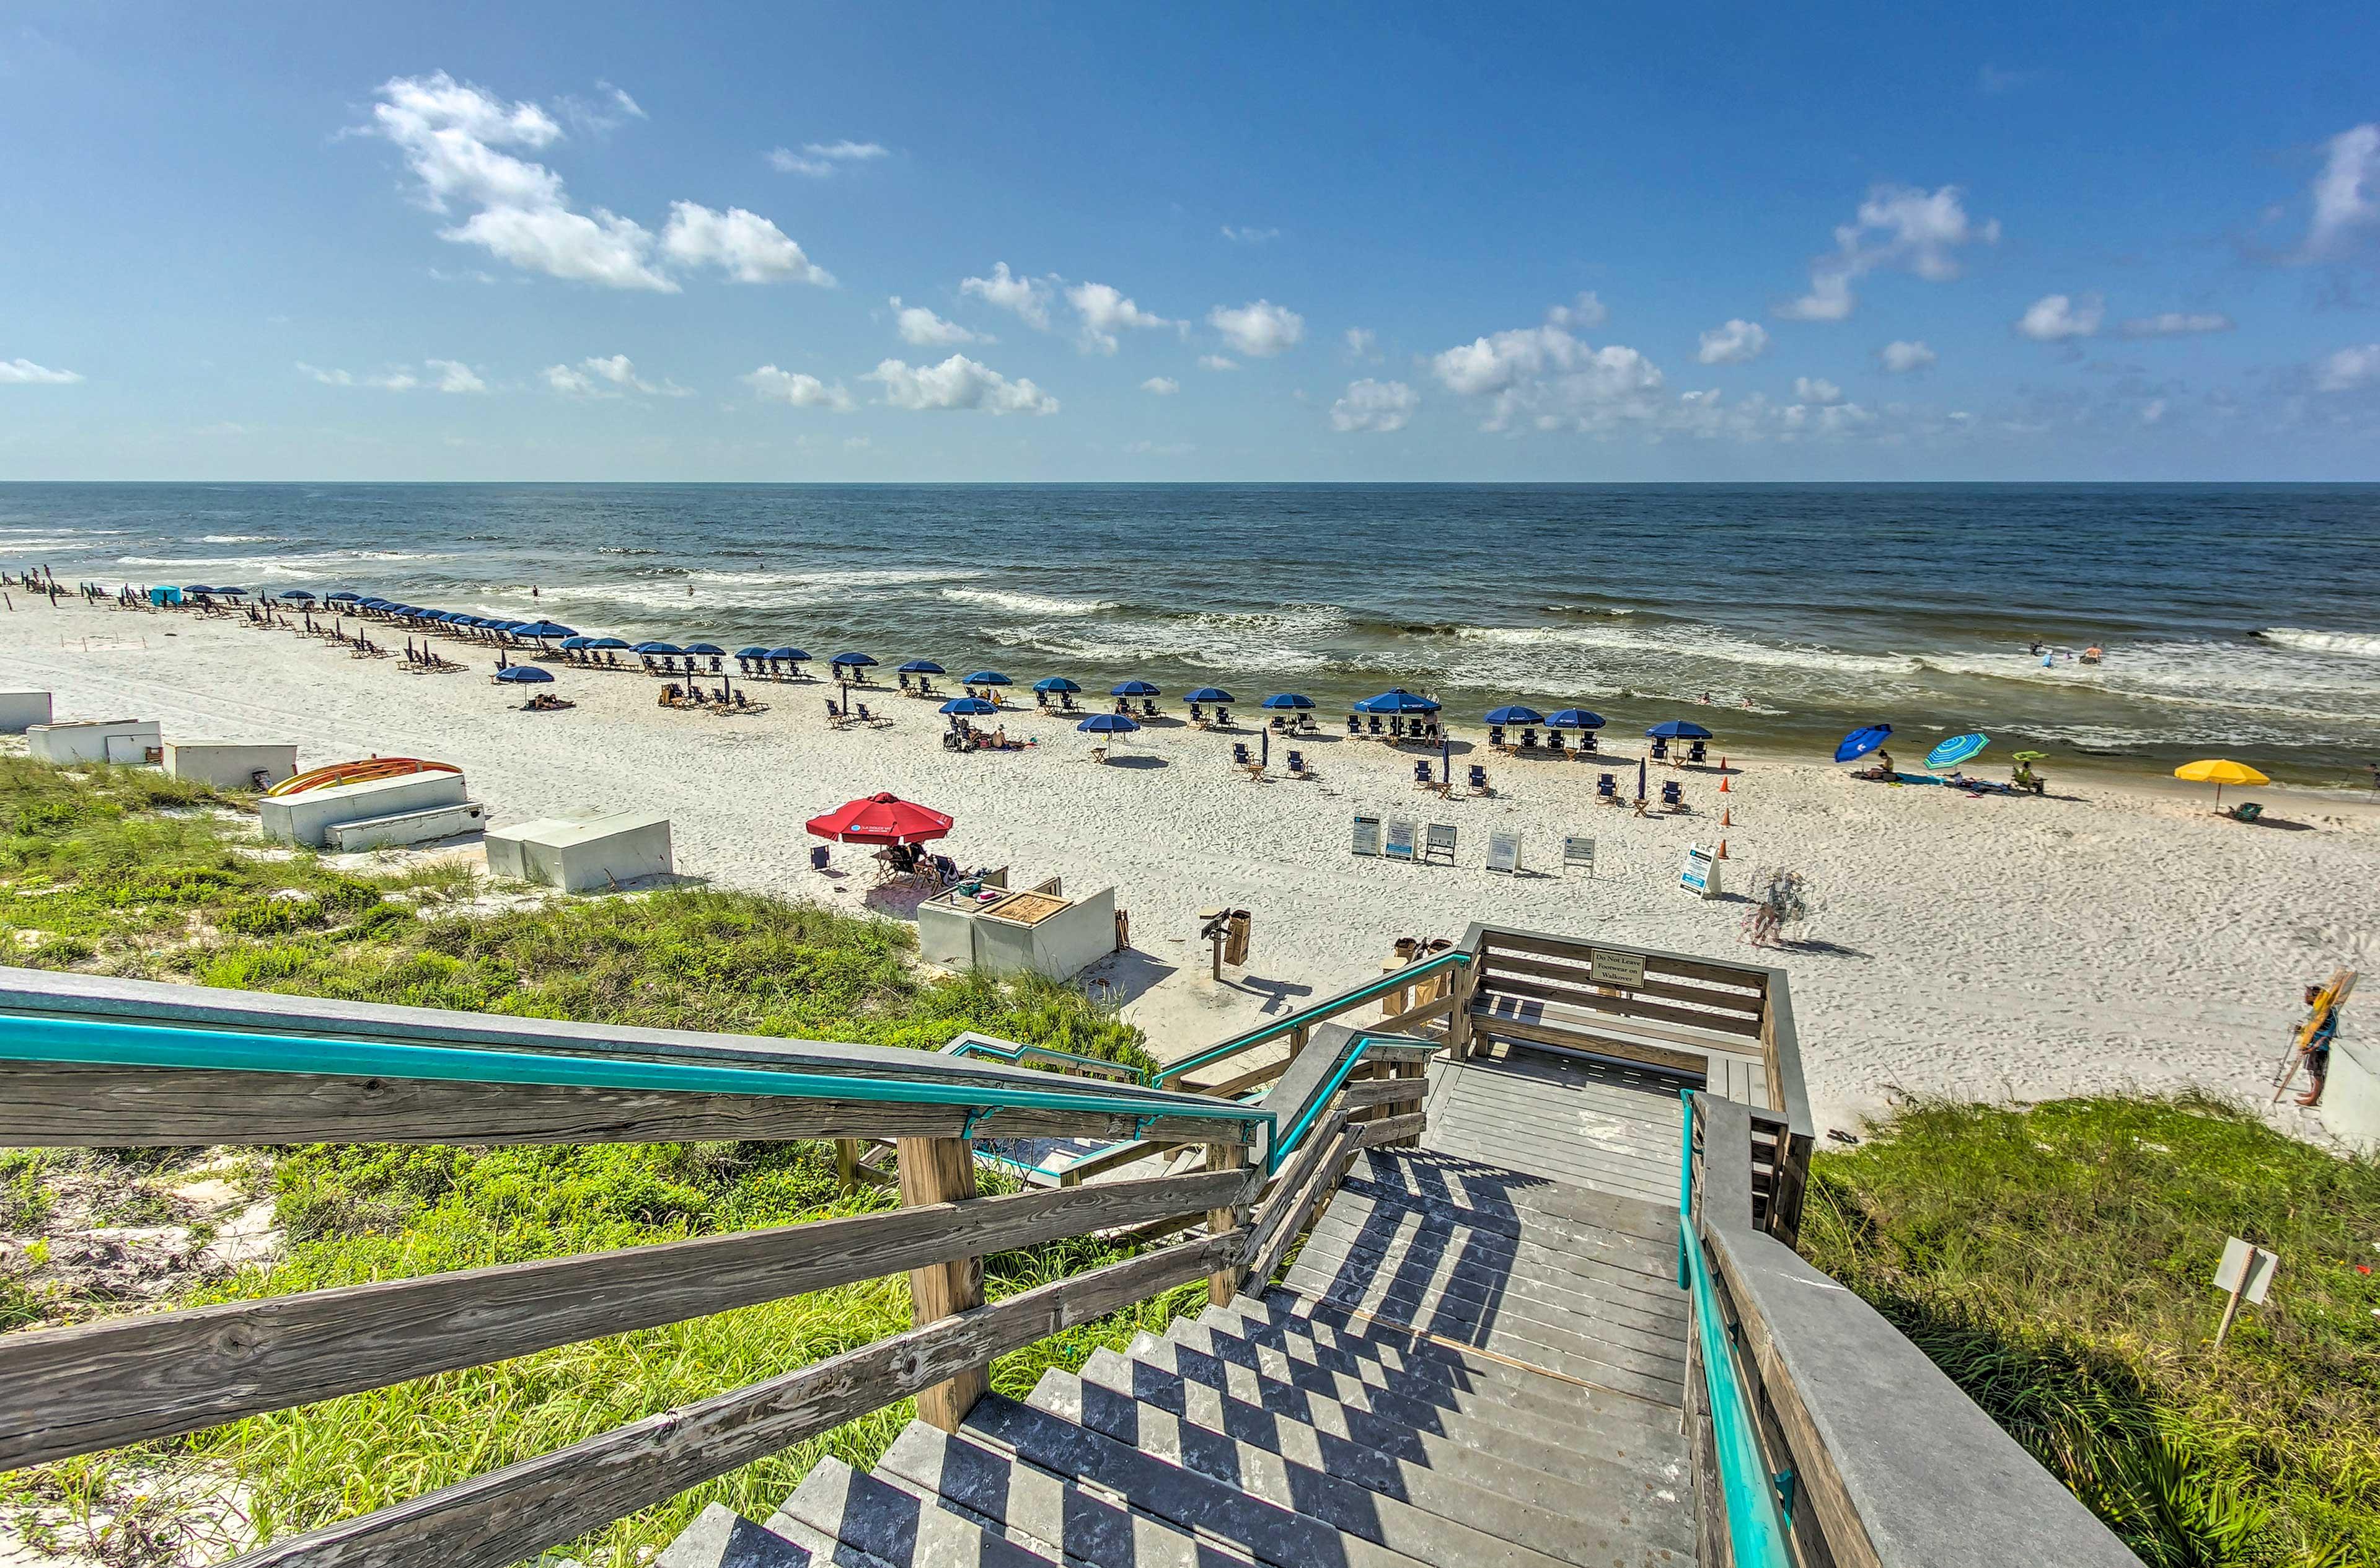 Head down to the beach - less than a mile away!